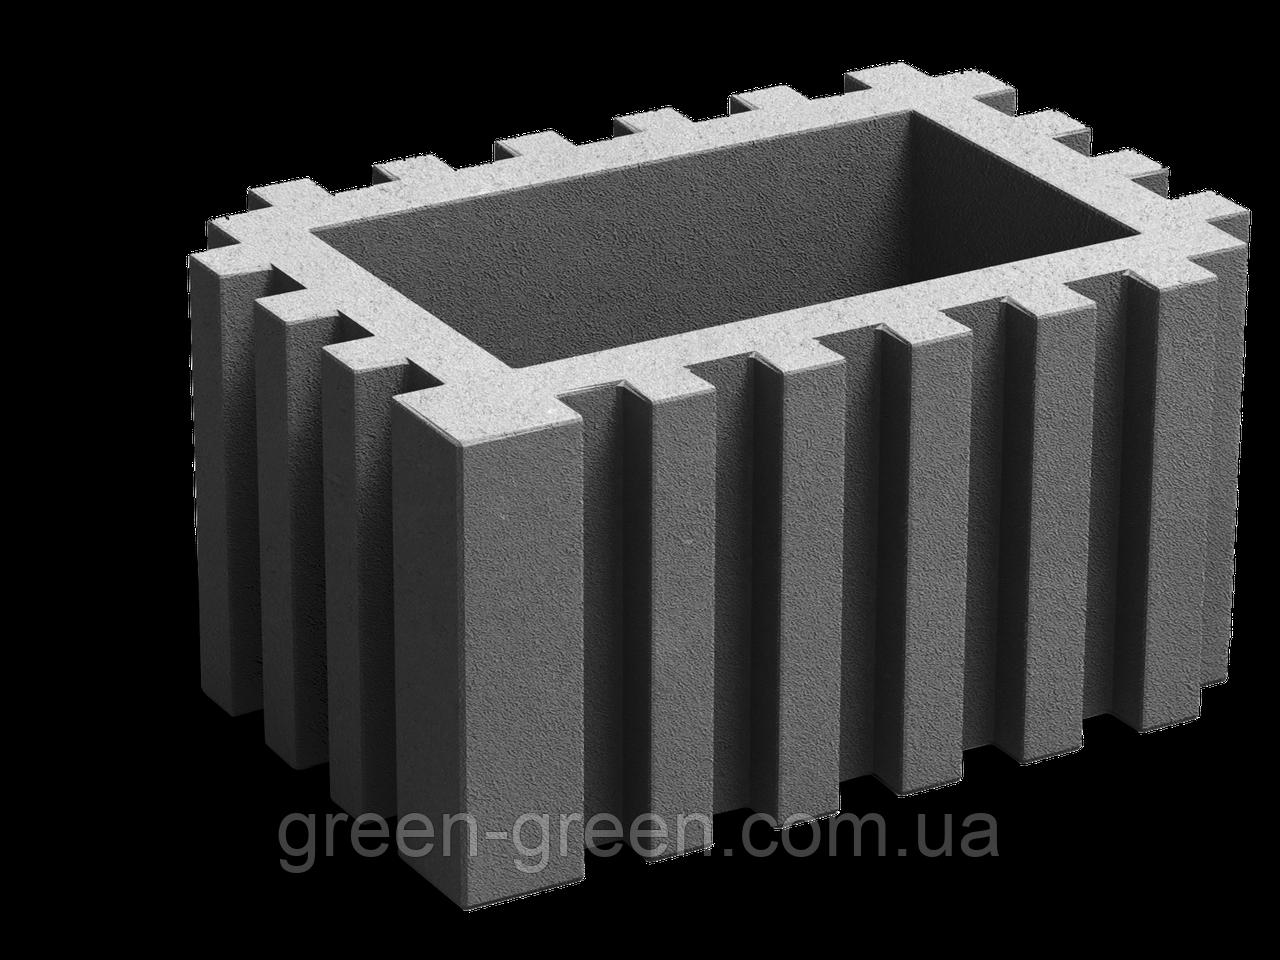 Вазон прямоугольный серый